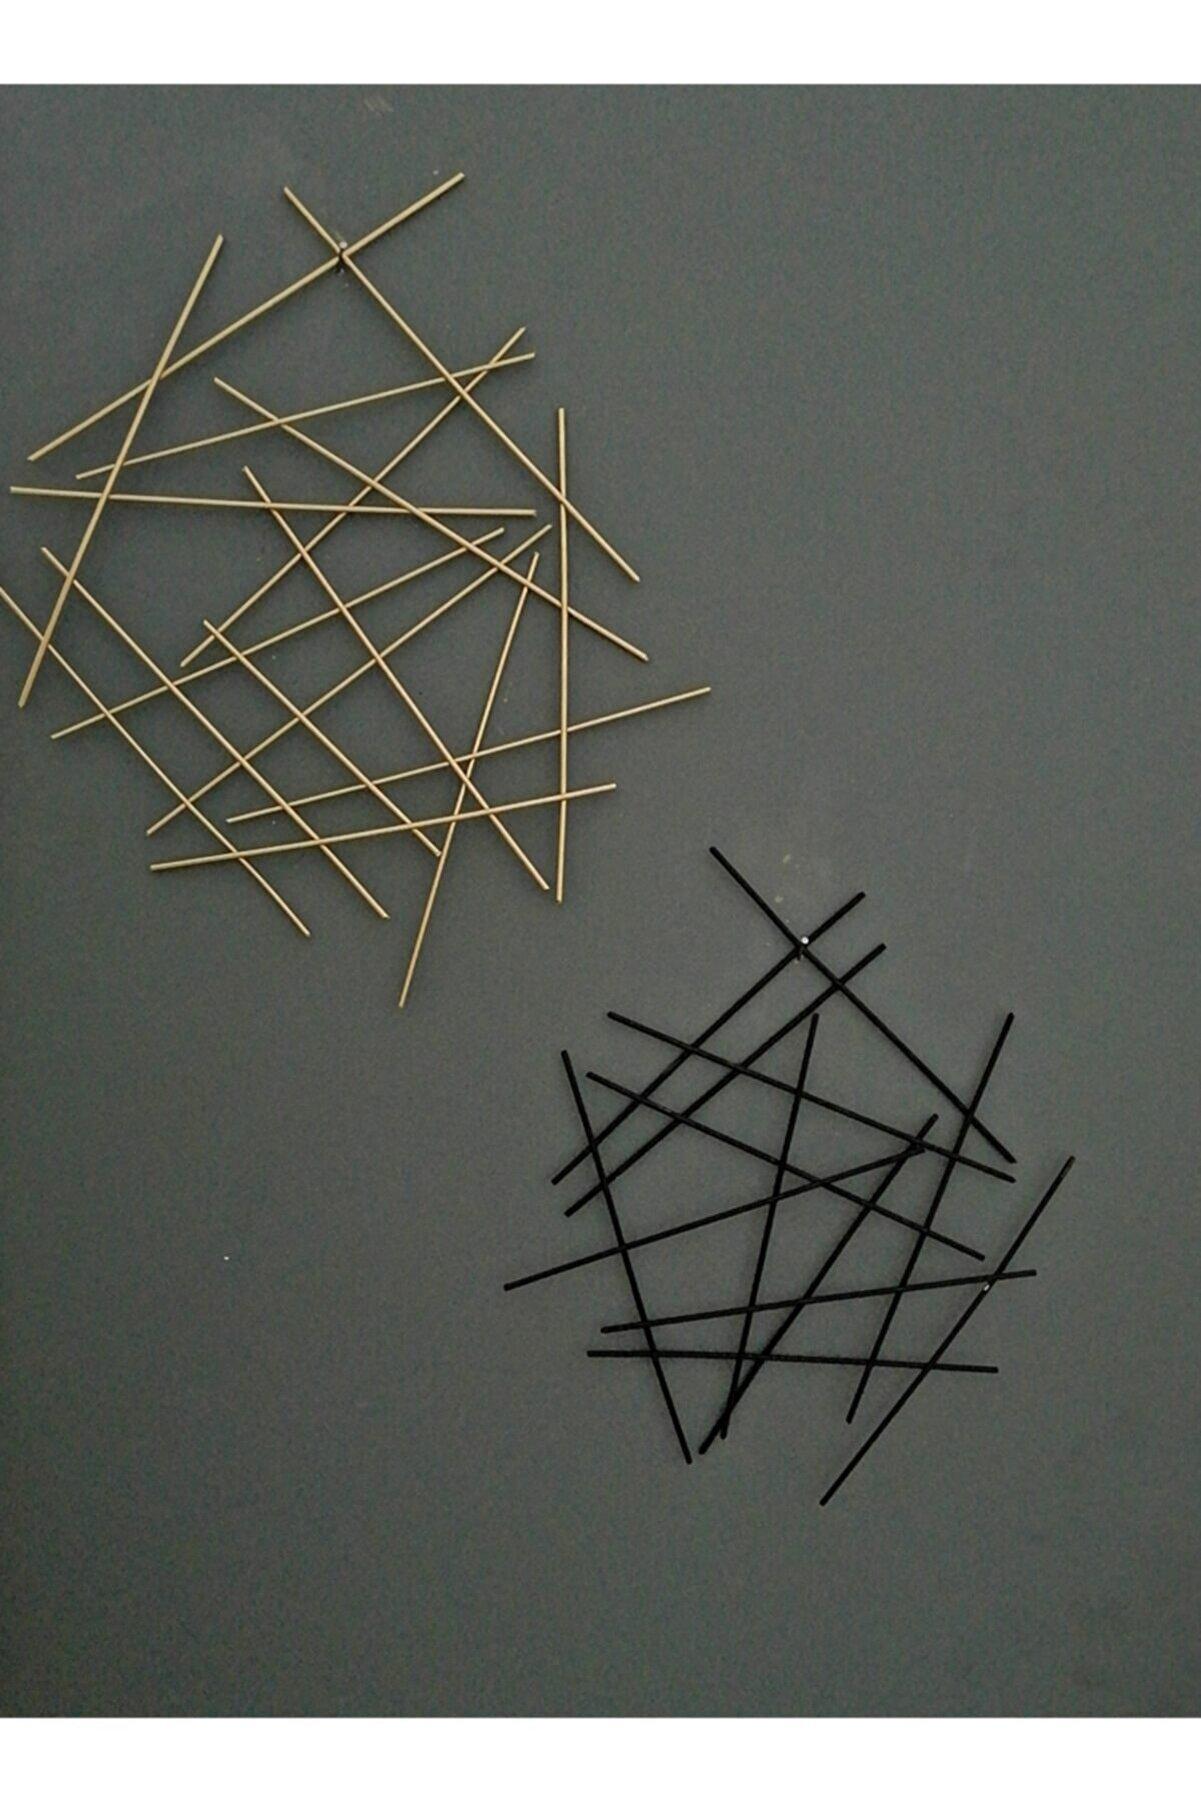 LALEZEN Metal Gold - Siyah Dekorasyon Ölçüler (24 cm*29cm) (30cm*35cm) Duvar Süsü Aksesuarı